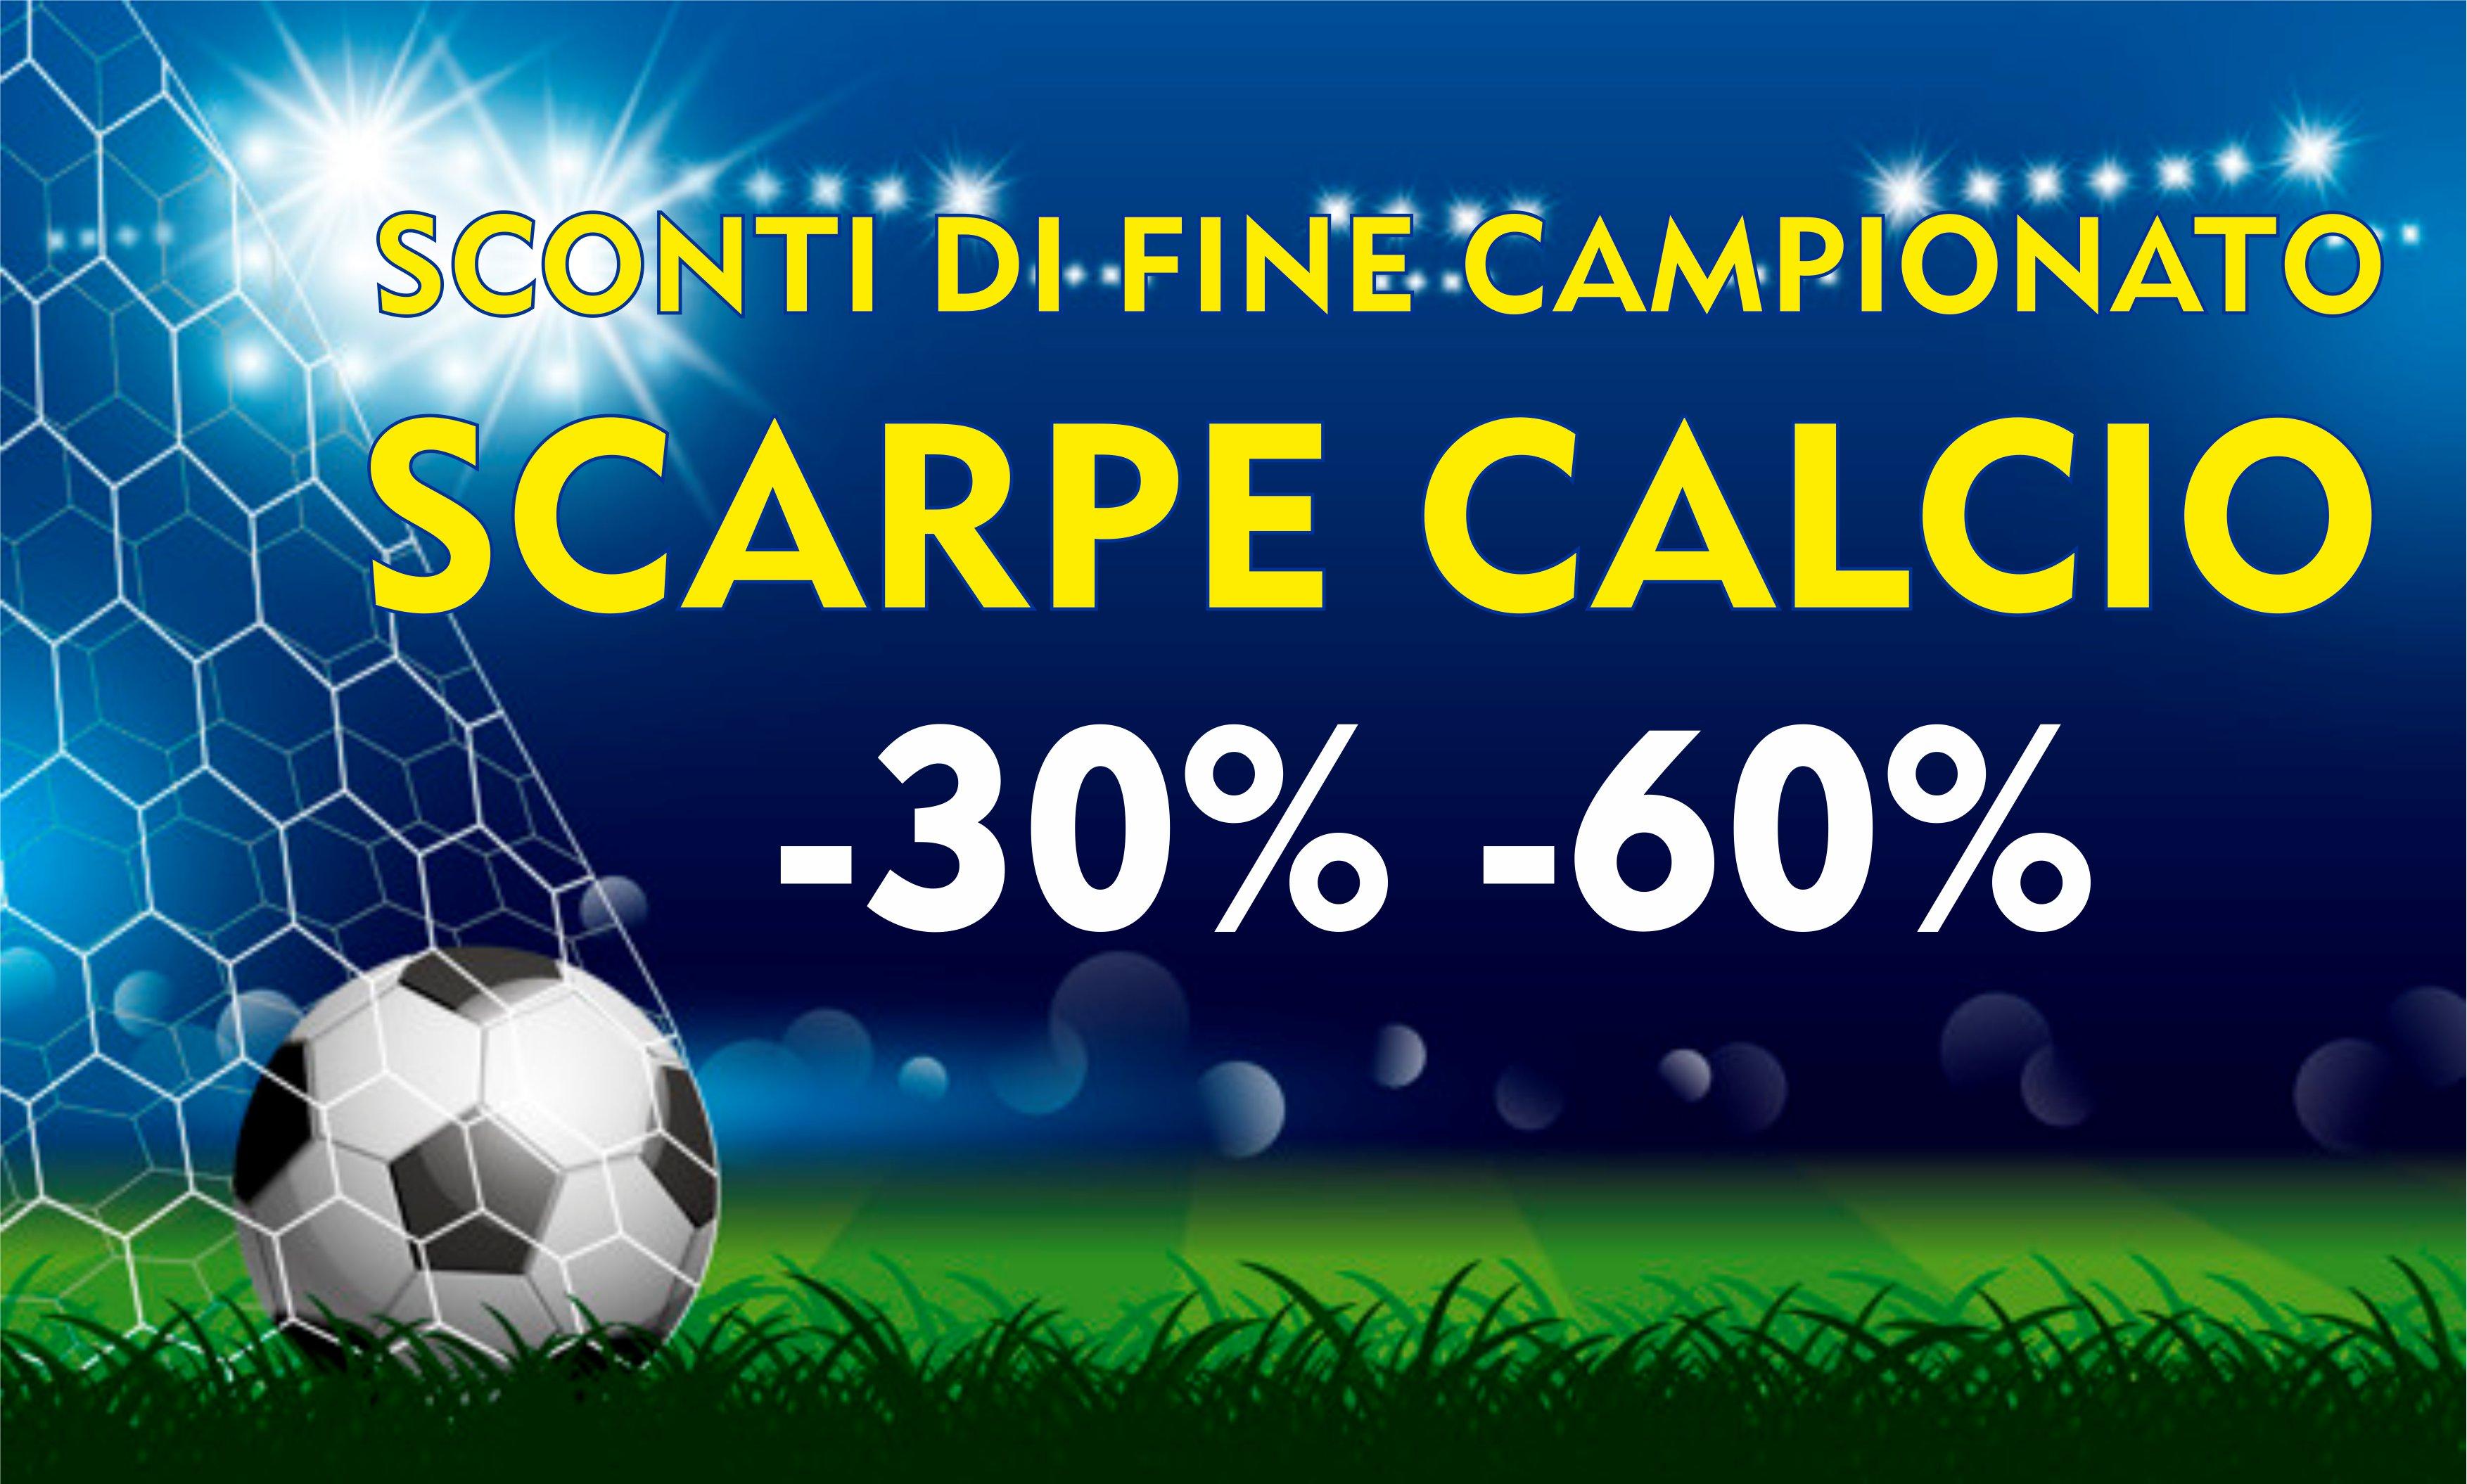 SPORT90 - scarpe calcio sconto -30% -60%